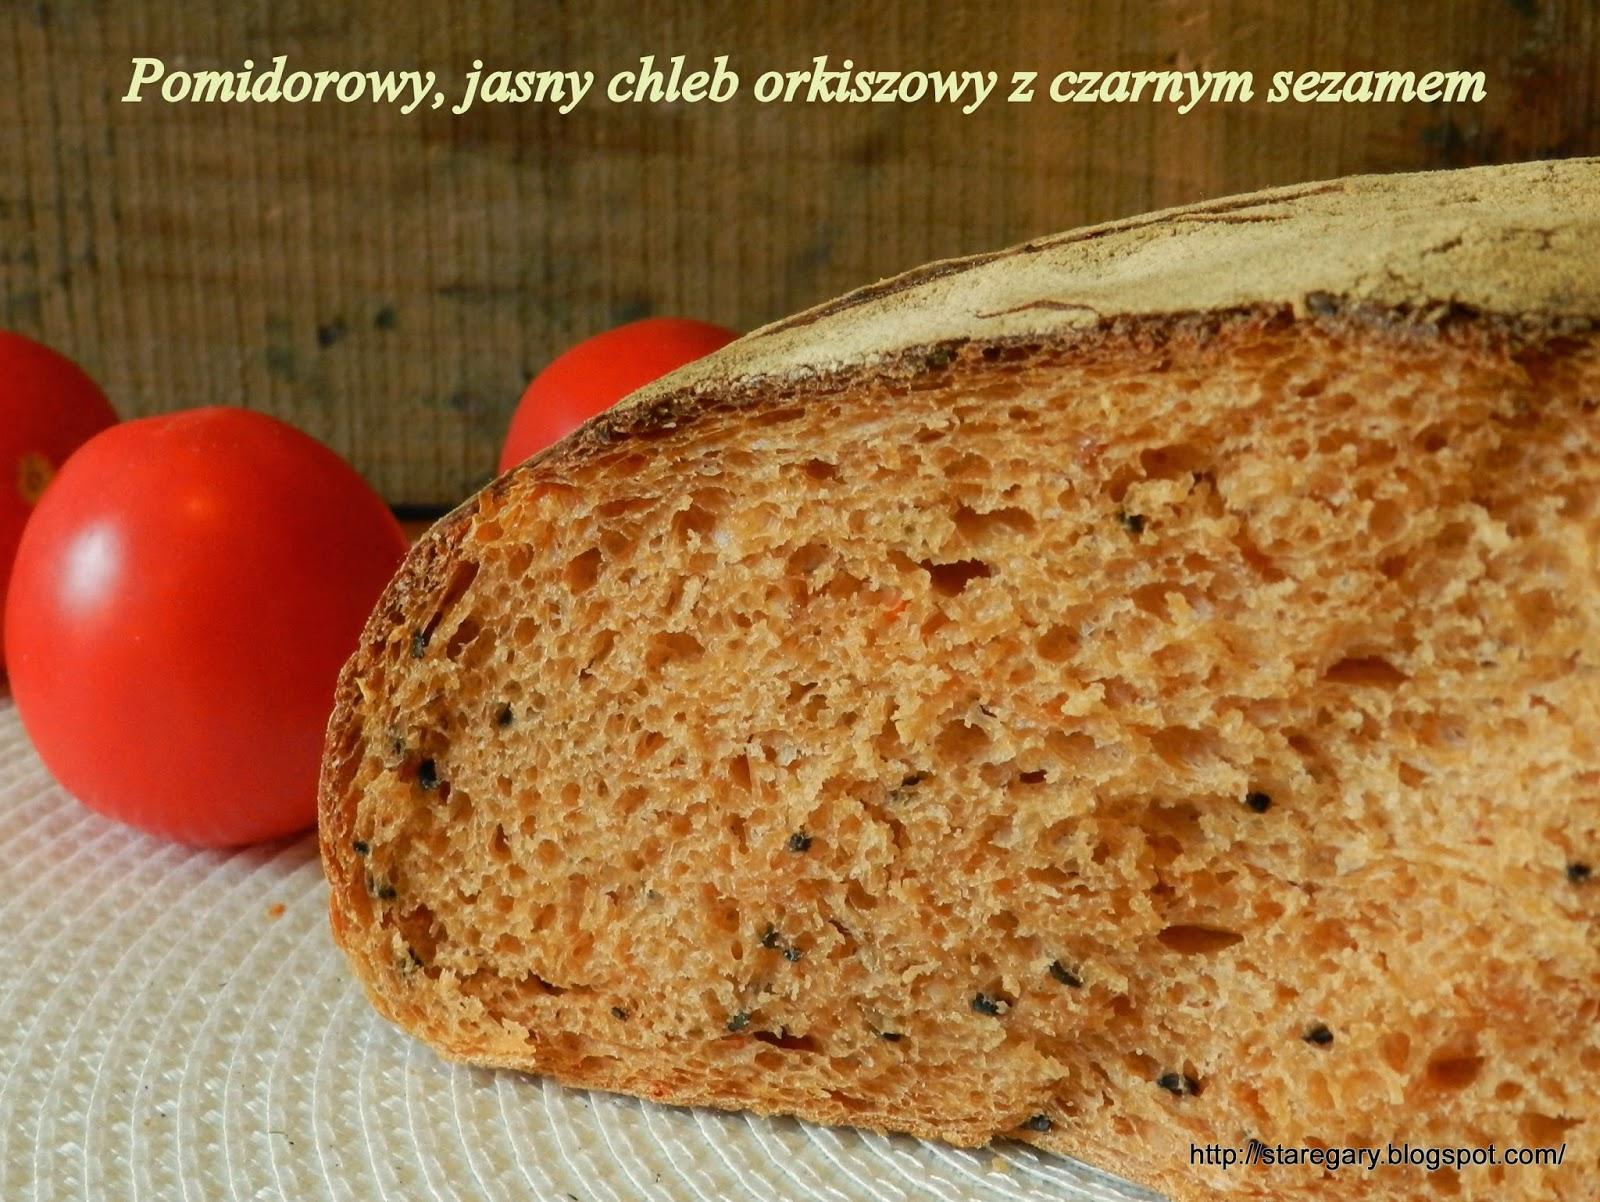 Pomidorowy, jasny chleb orkiszowy z czarnym sezamem - Kwietniowa Piekarnia